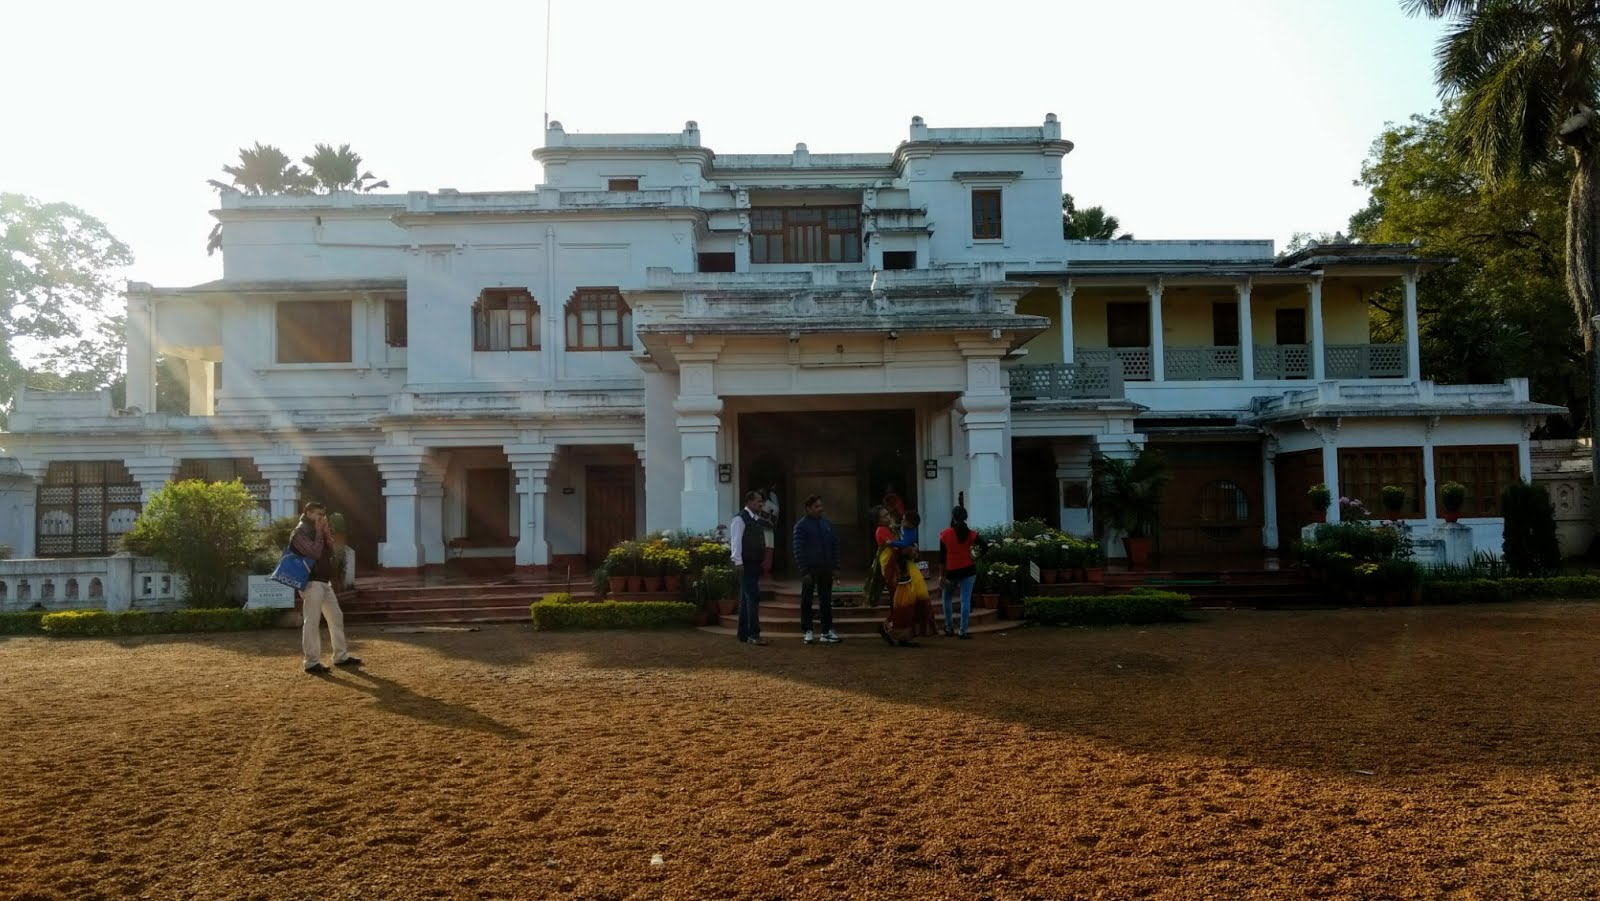 Kolkata blog udayan the house of tagore at shantiniketan for Shantiniketan tagore